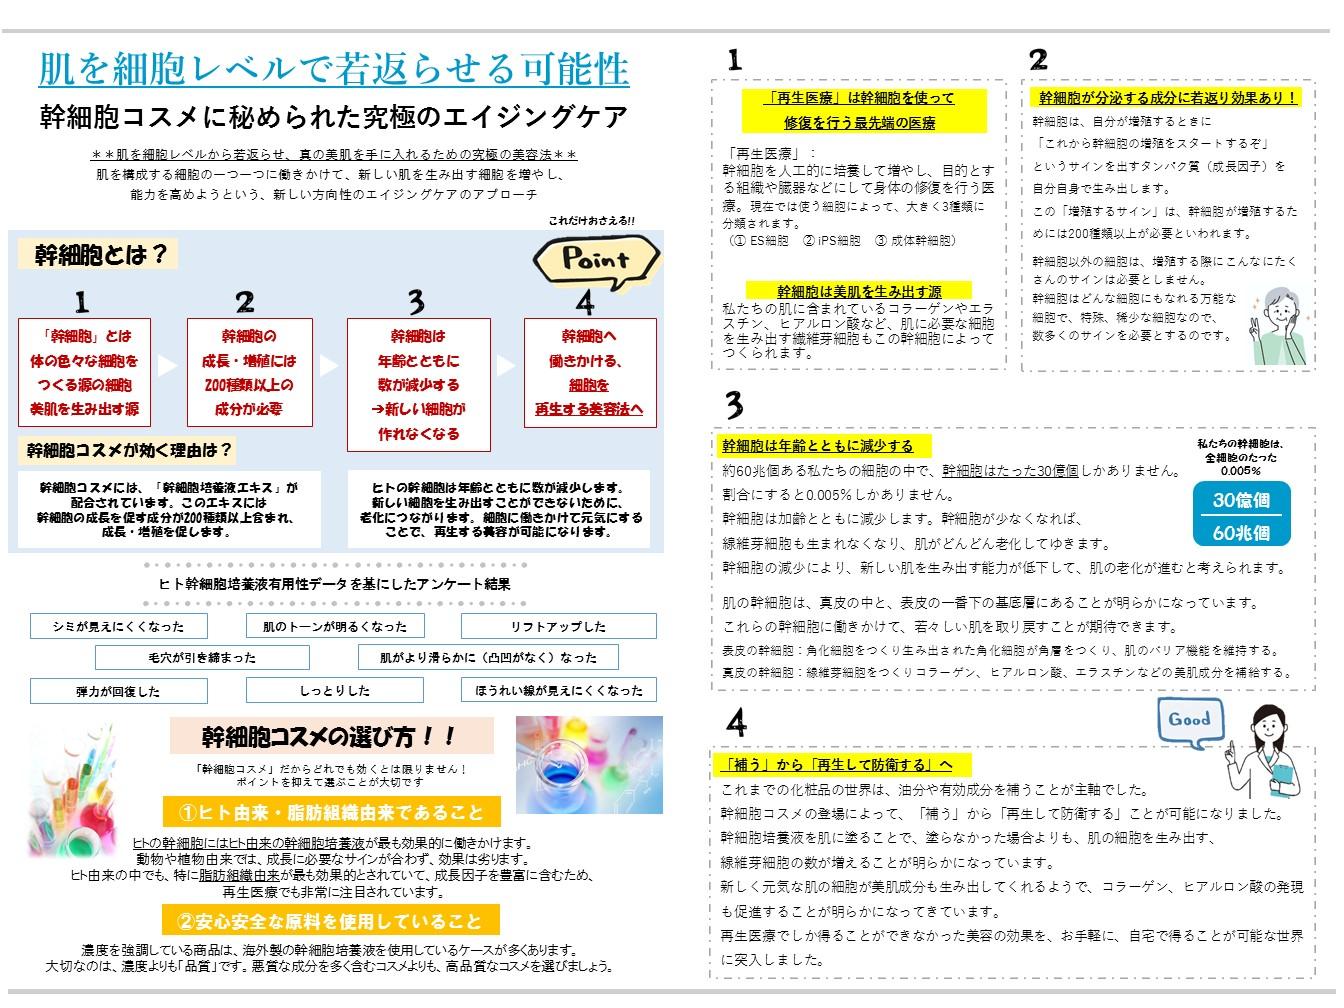 4月29日幹細胞説明資料字体